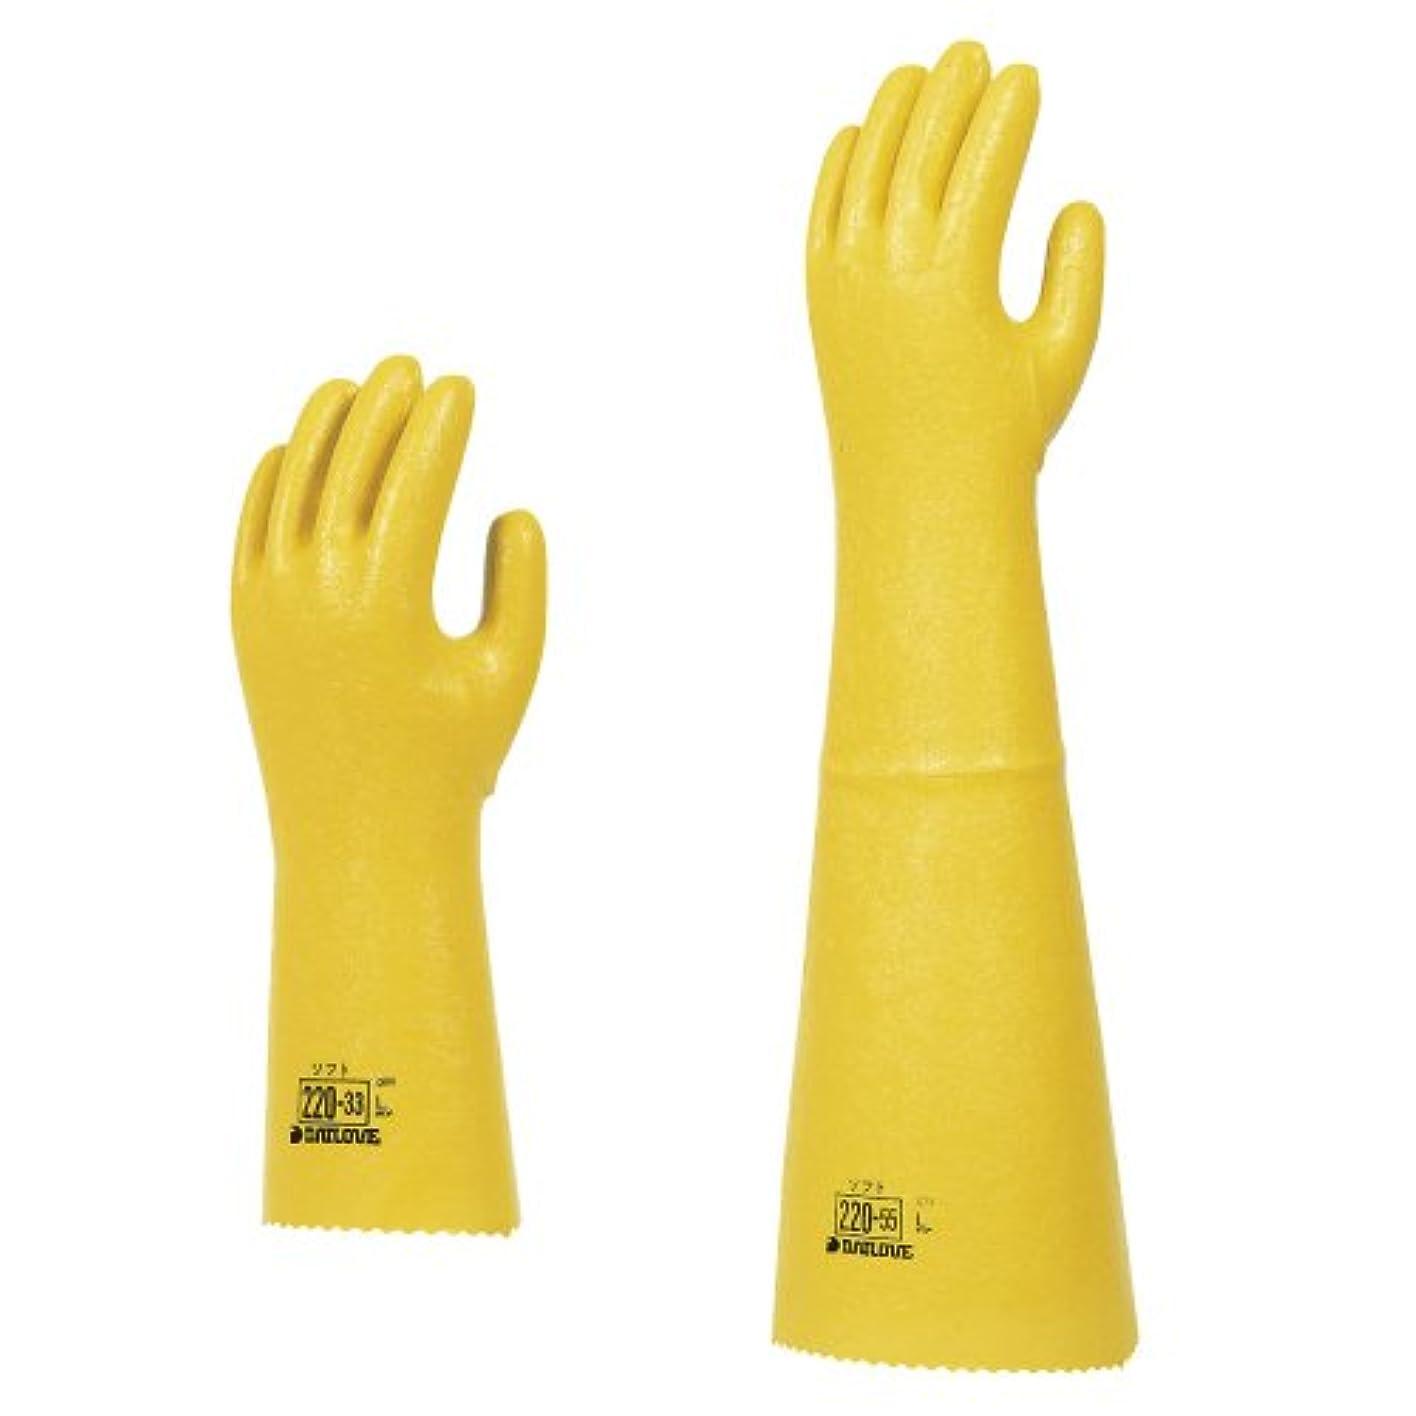 感謝する穏やかな数字ダイローブ手袋 220-33 04-188-01(L)????????????220-33L(23-2948-02)